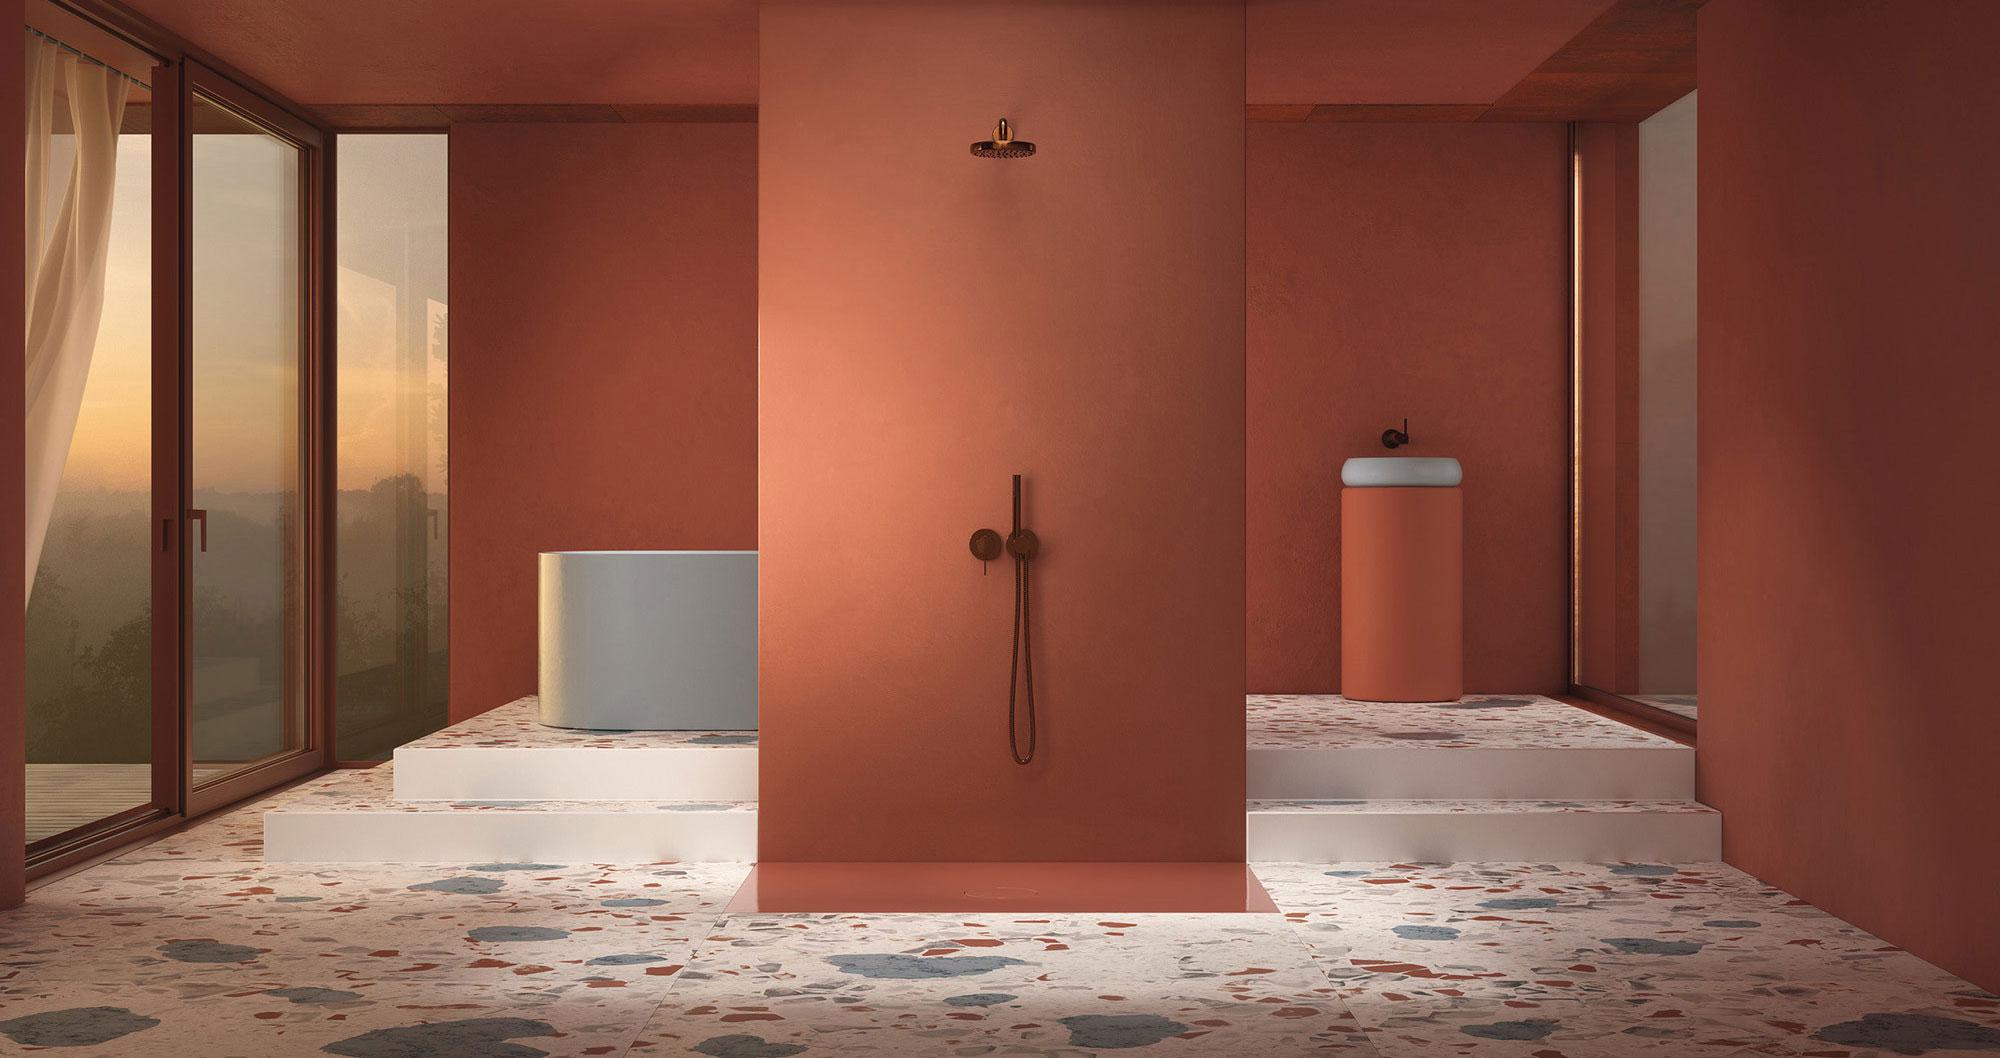 Neuartige Duschfliese von Tesseraux+Partner für Bette